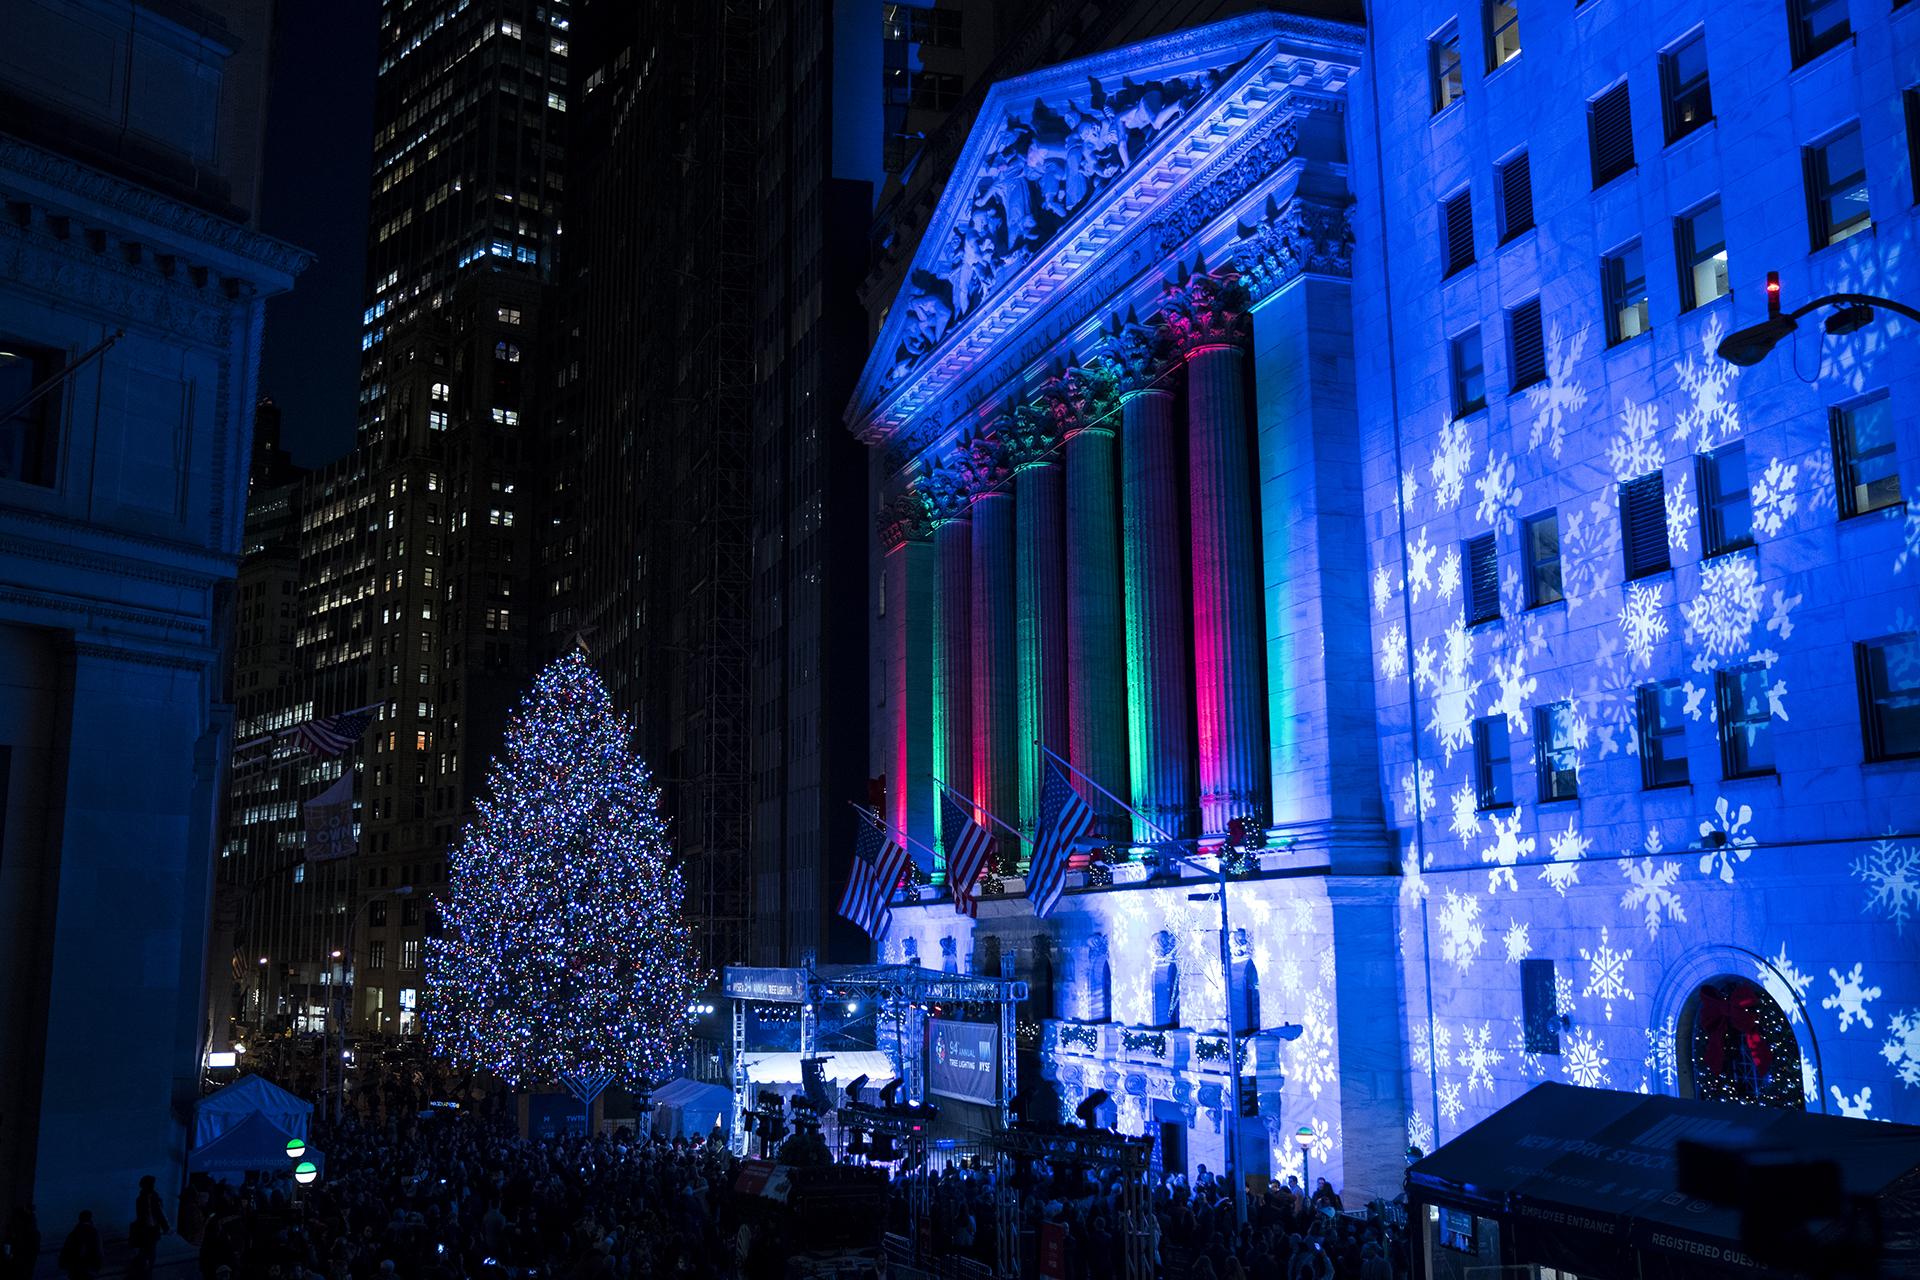 La Bolsa de Nueva York tiene su propio árbol en el distrito financiero de la ciudad